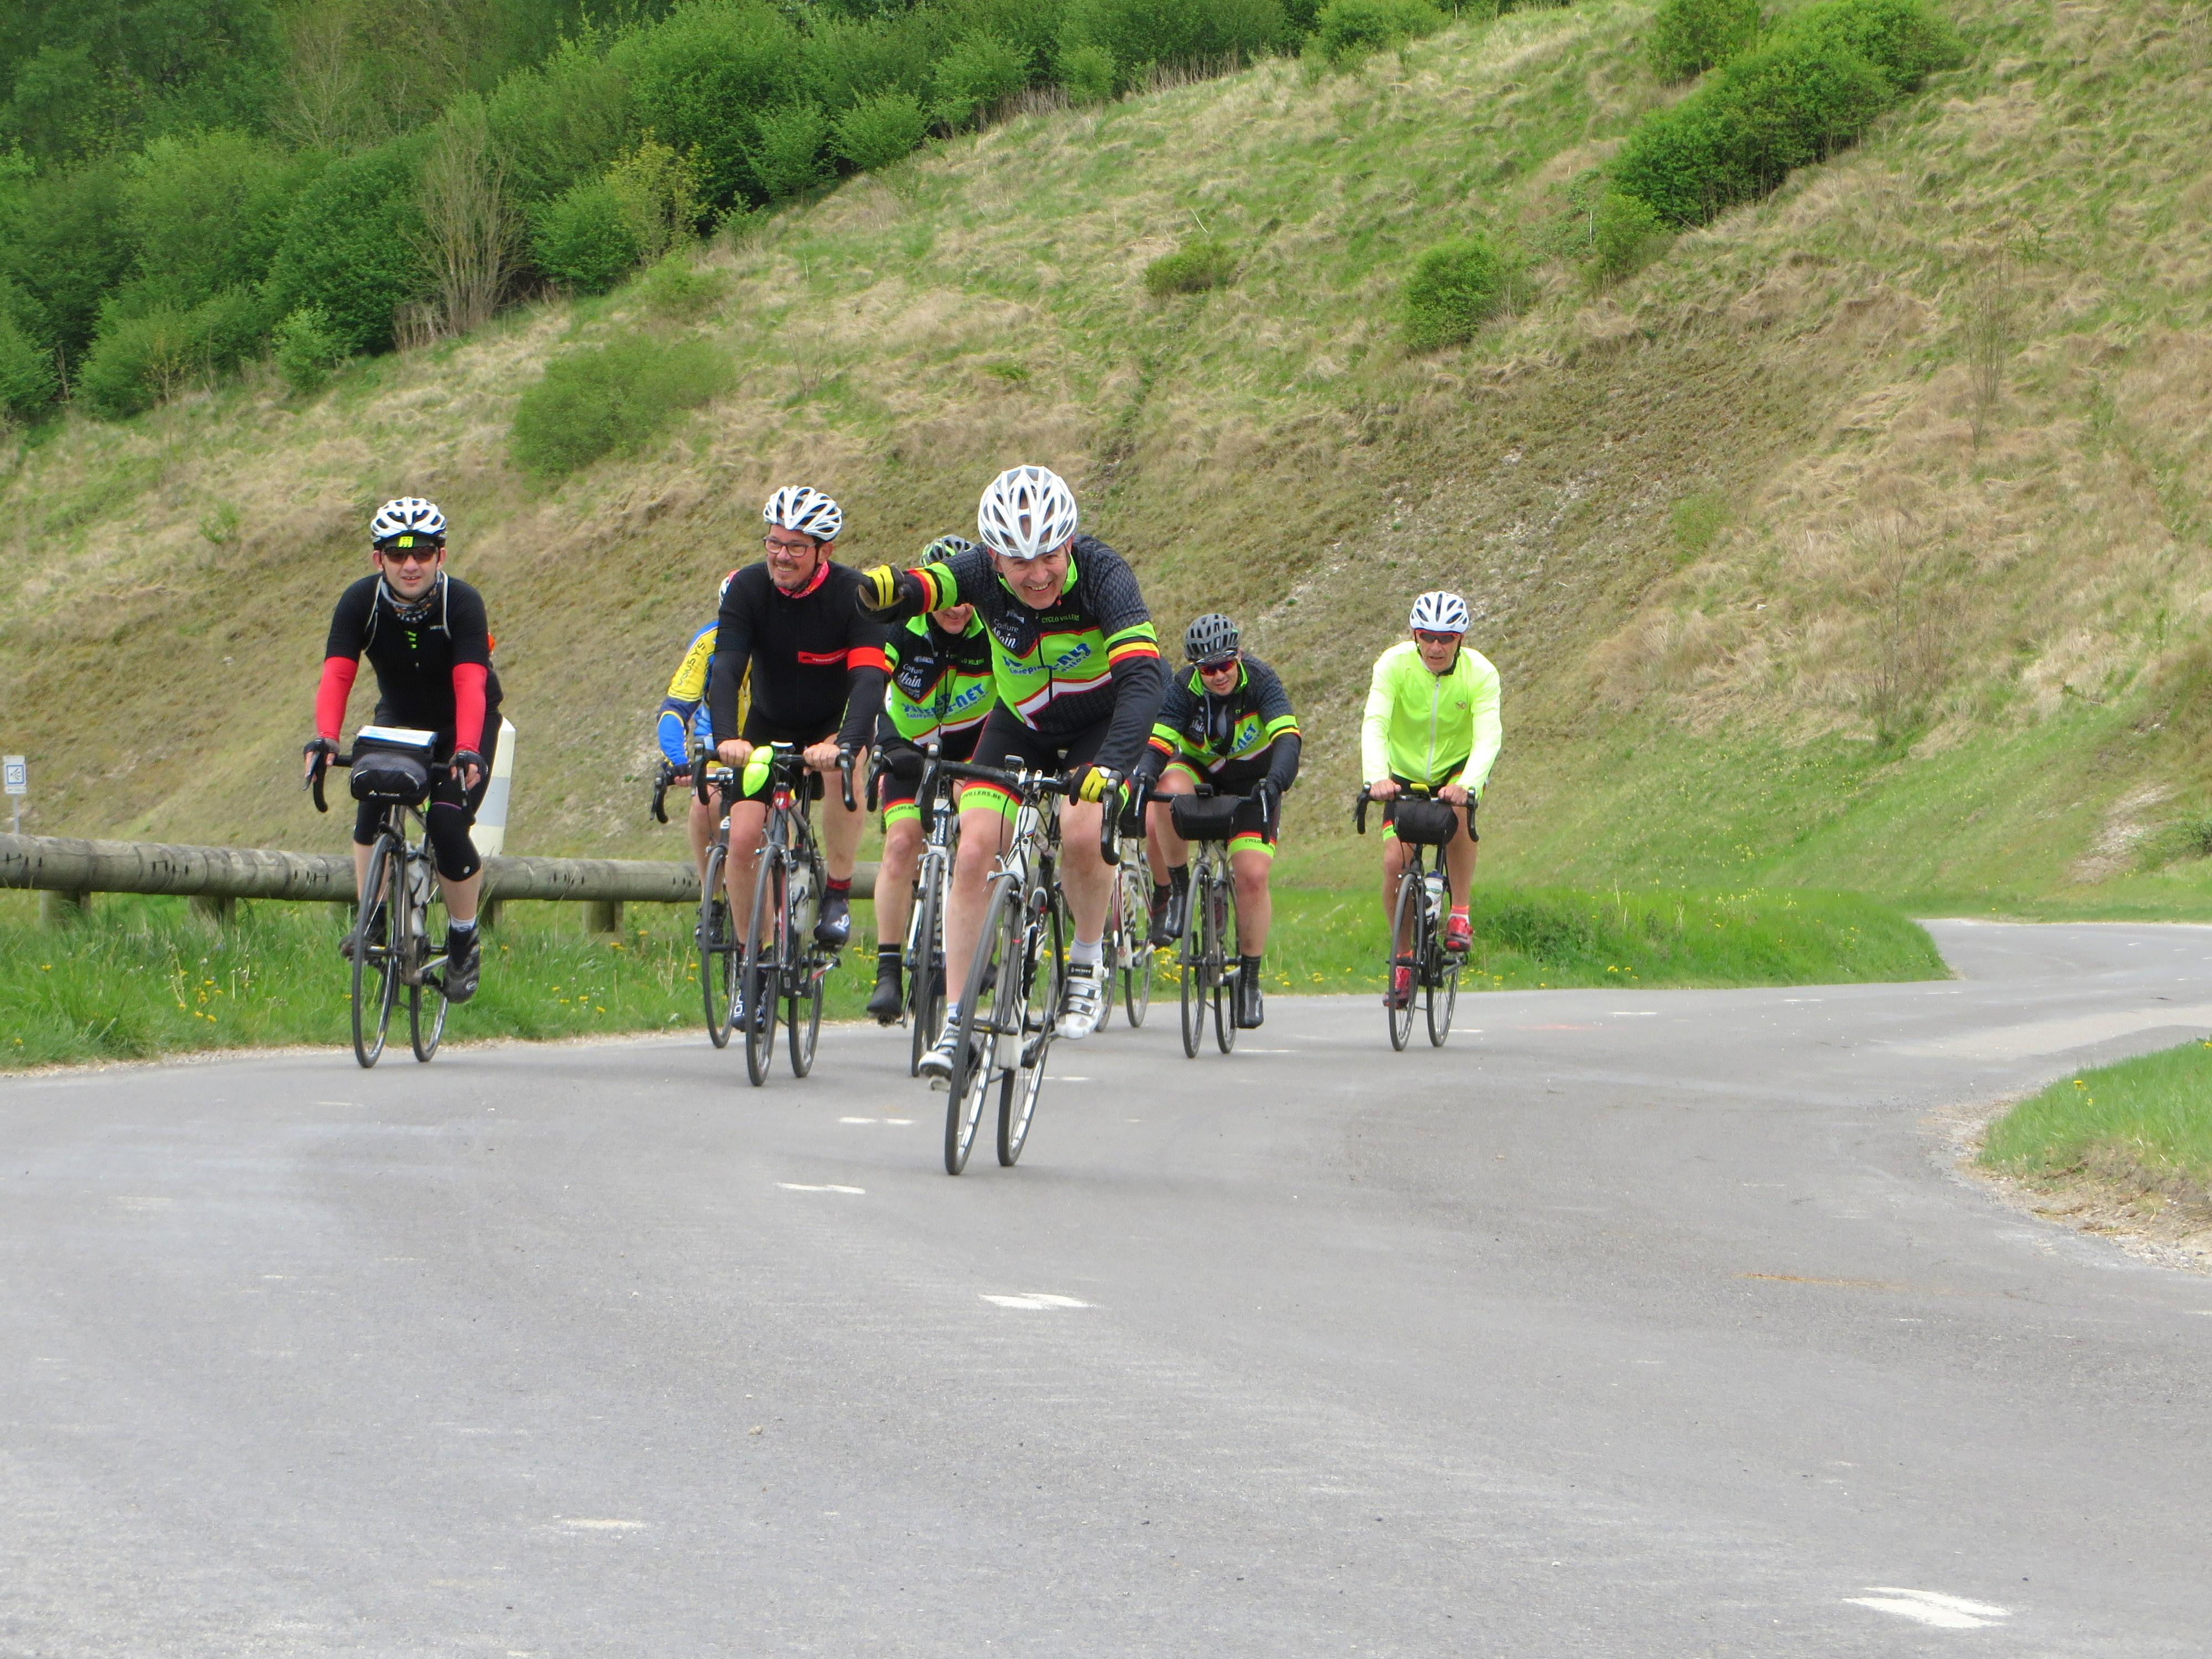 Séjour cyclo en Baie de Somme : du 27 au lundi 30 avril 2018 - Page 6 180501121425448256